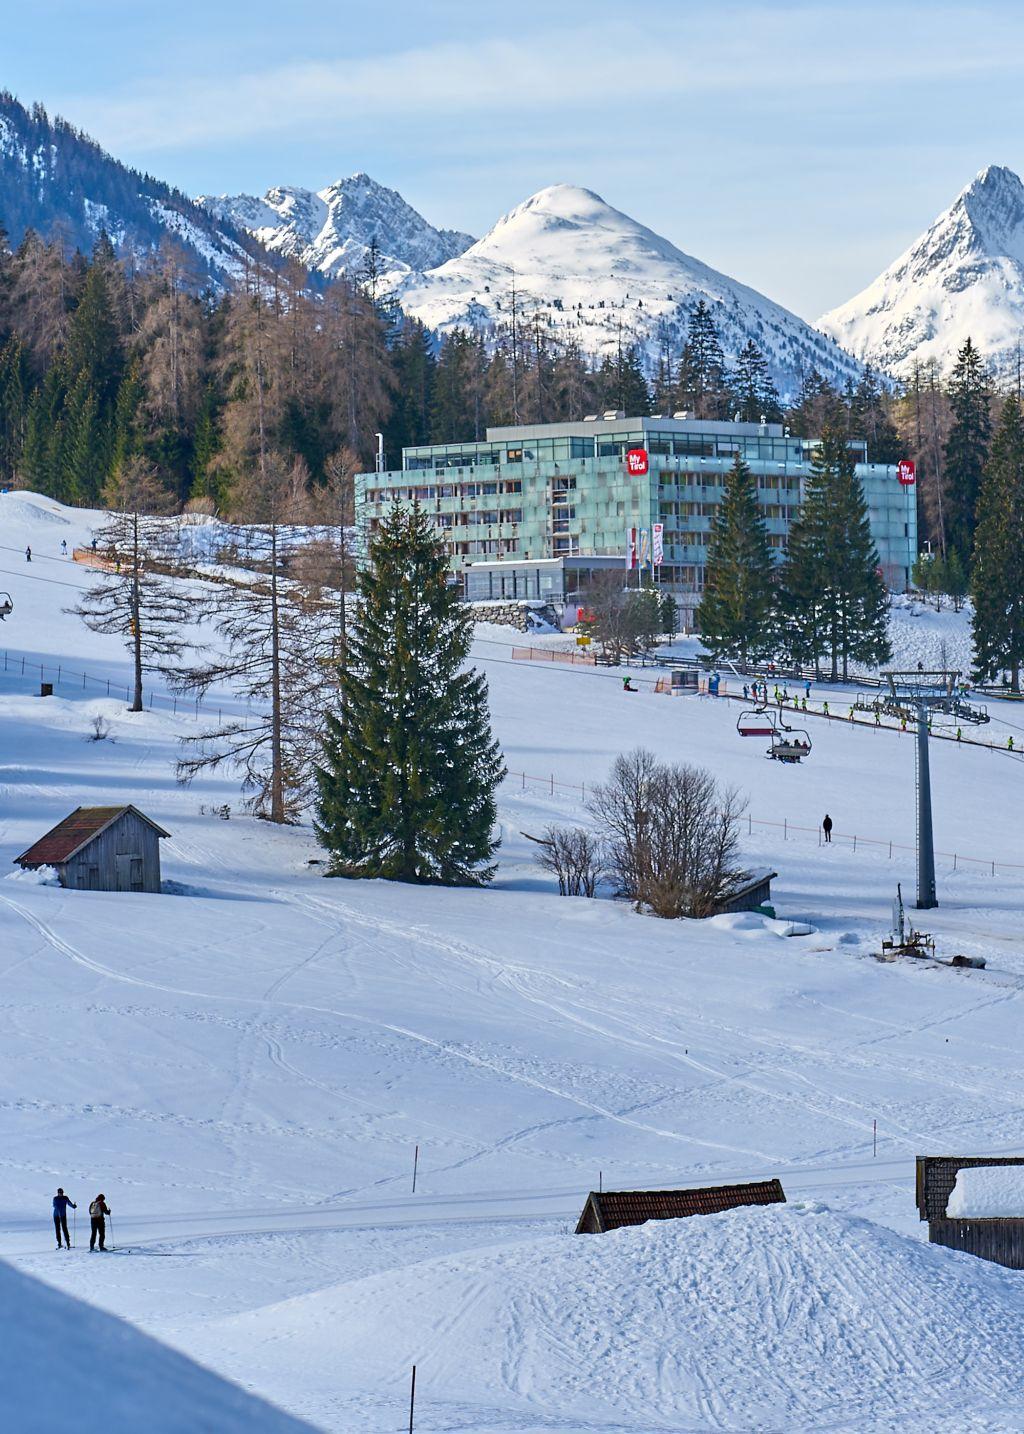 Das Hotel inmitten der Natur und direkt am Berg (c) Birgit Standke (My Tirol)